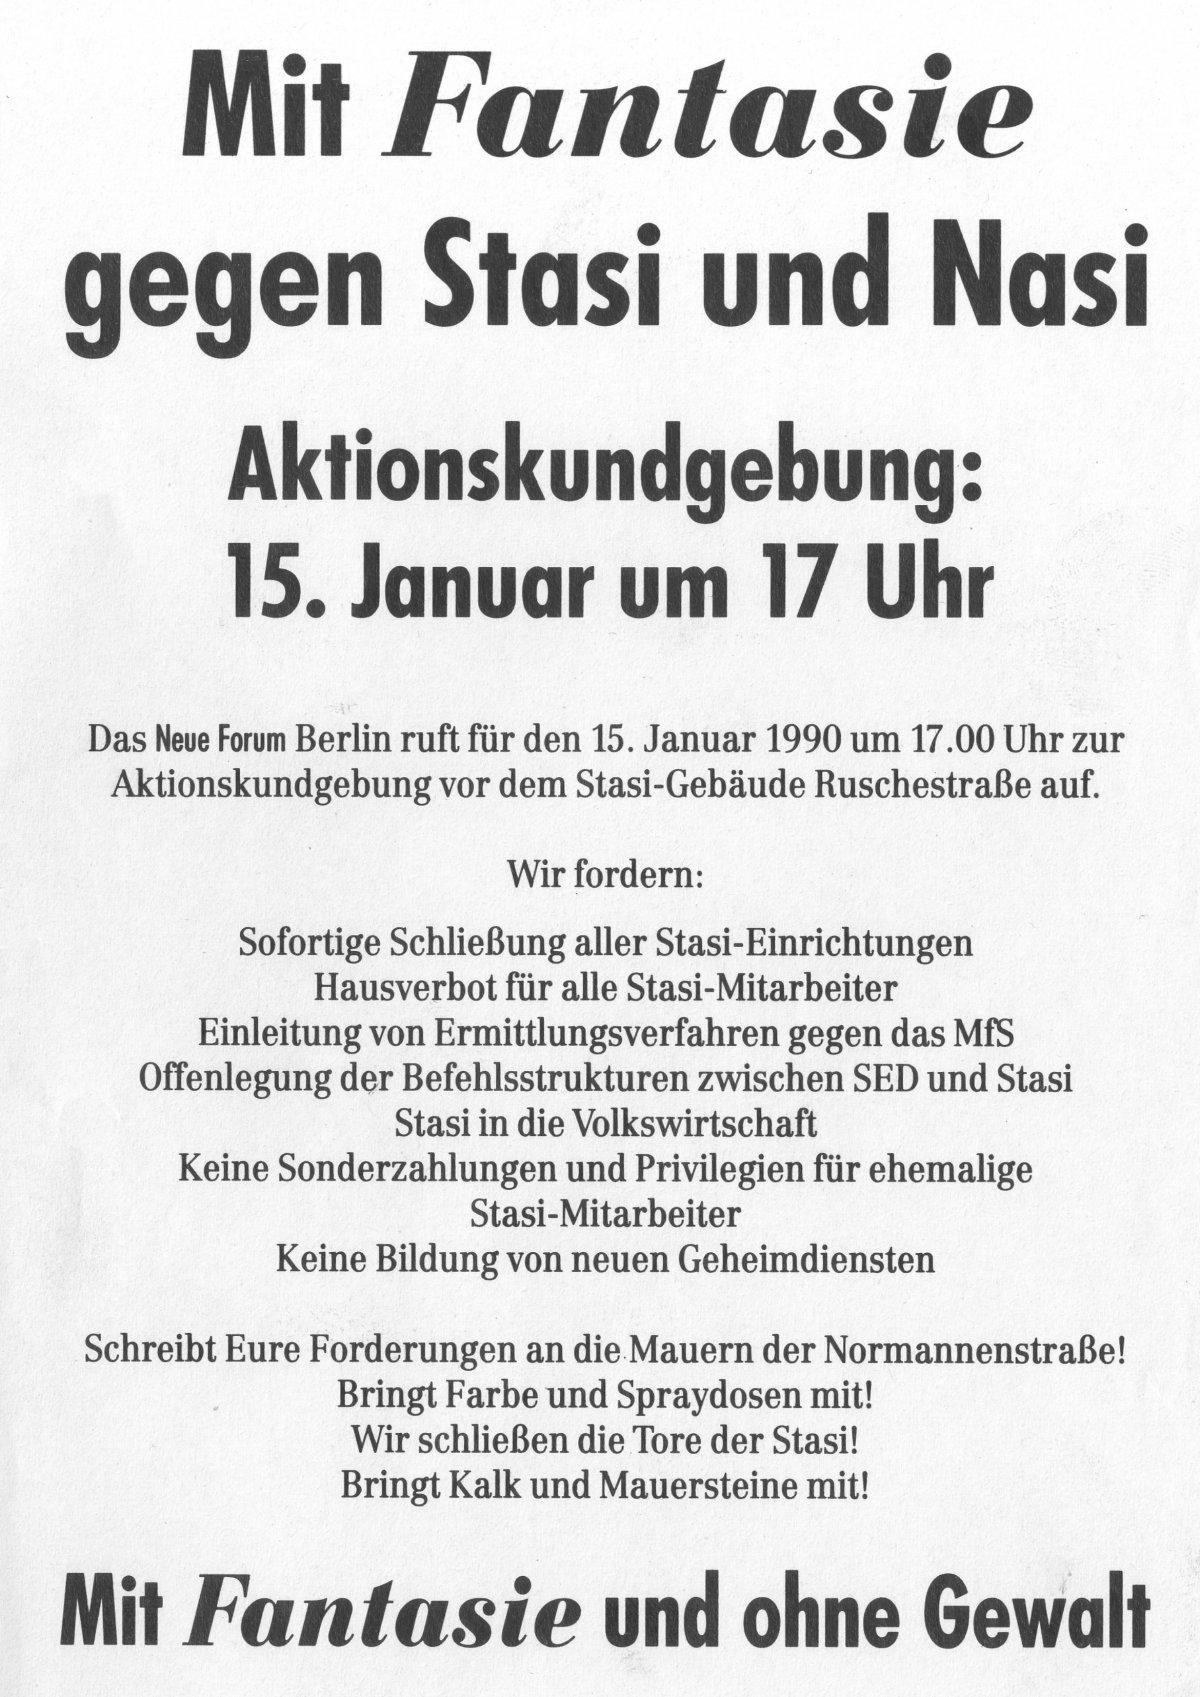 Stasi akten einsehen online dating